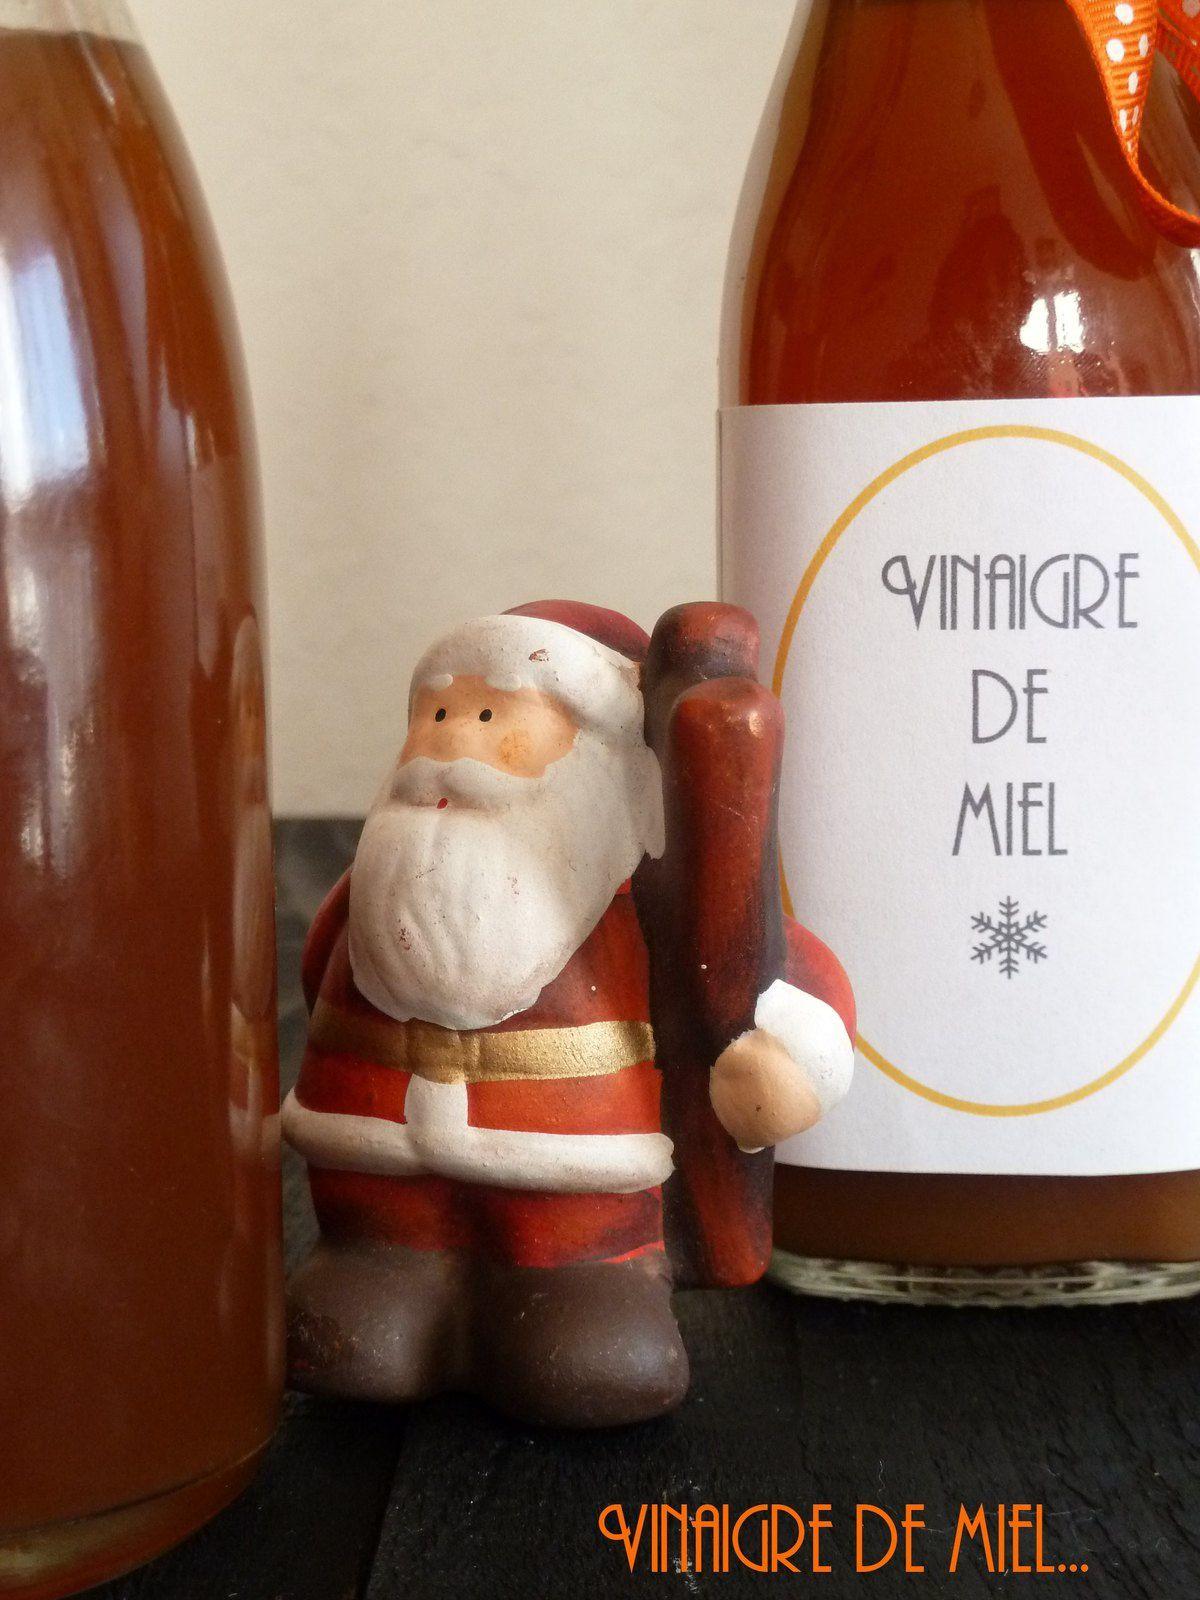 Vinaigre de miel {cadeau gourmand}